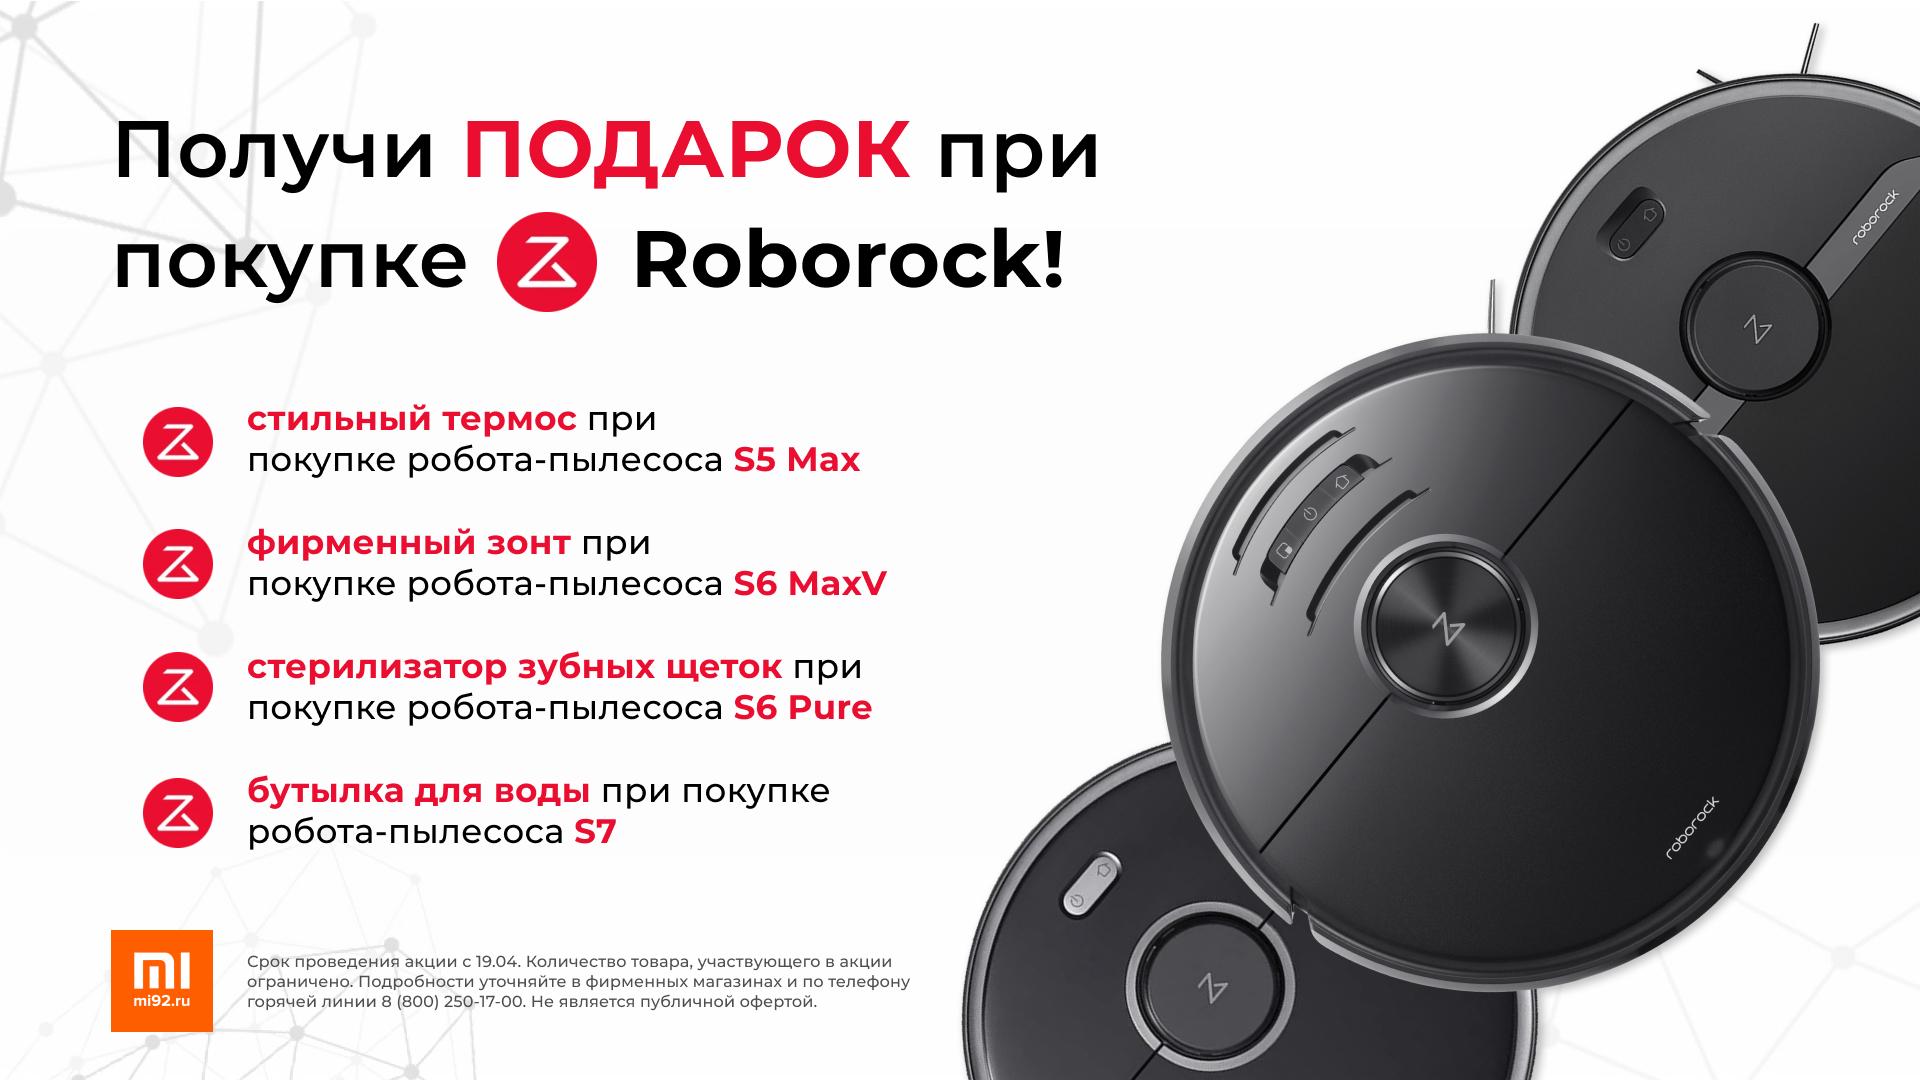 Gift Roborock Banner Promo